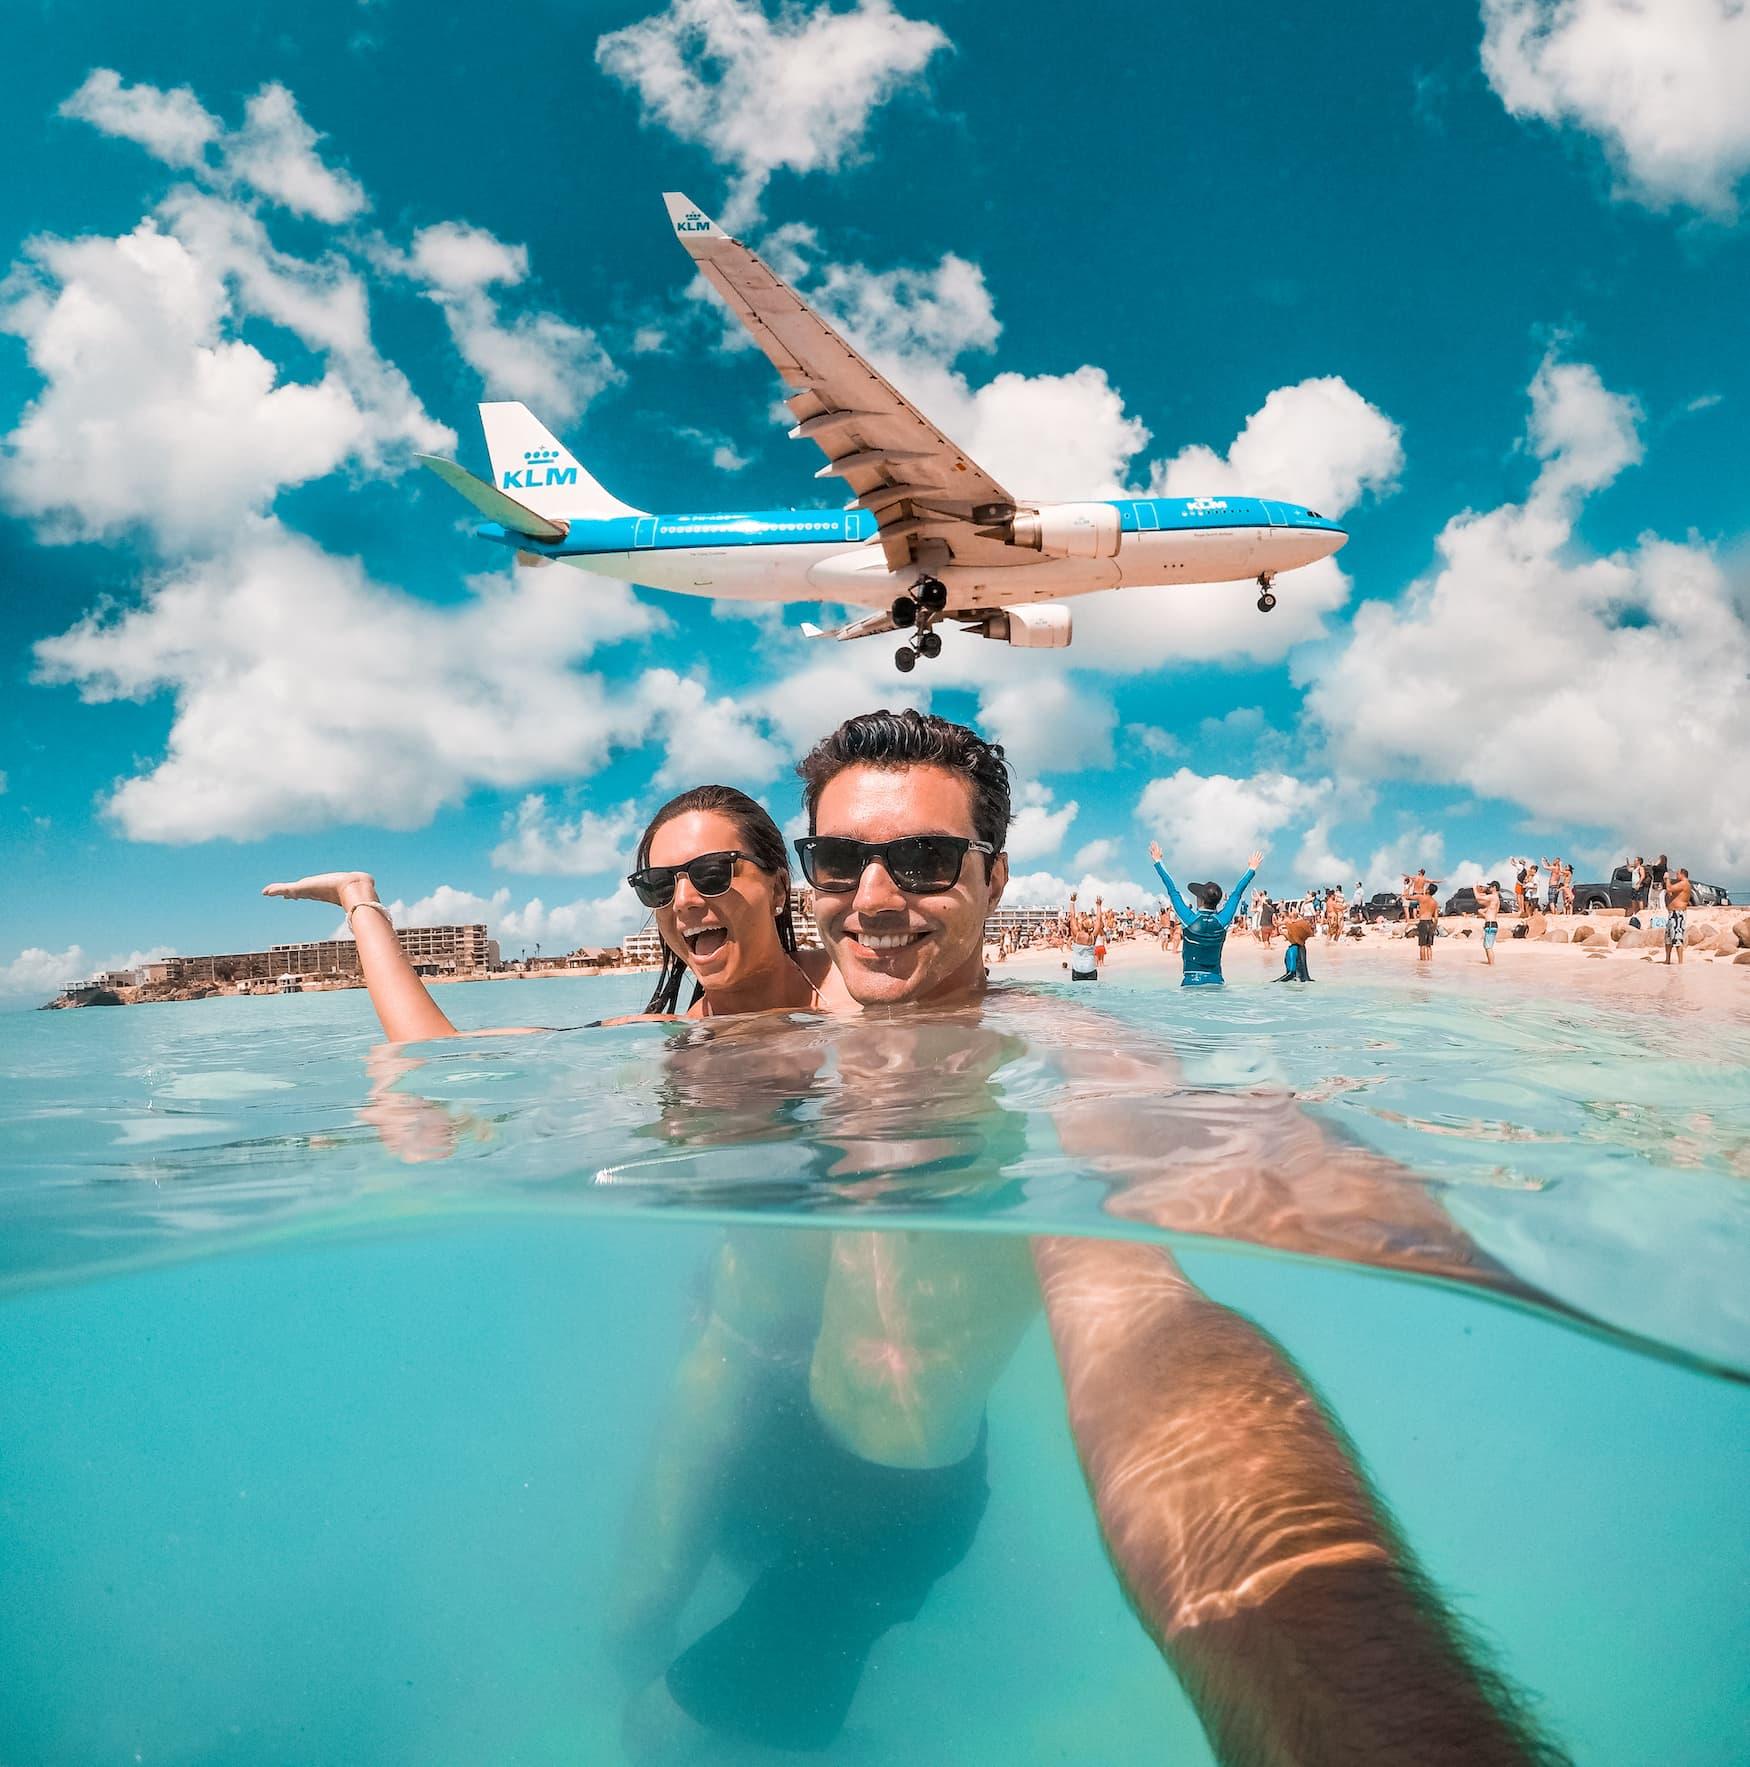 Pärchen macht Selfie am Maho Beach in Sint Marteen, mit Flugzeug über den Köpfen